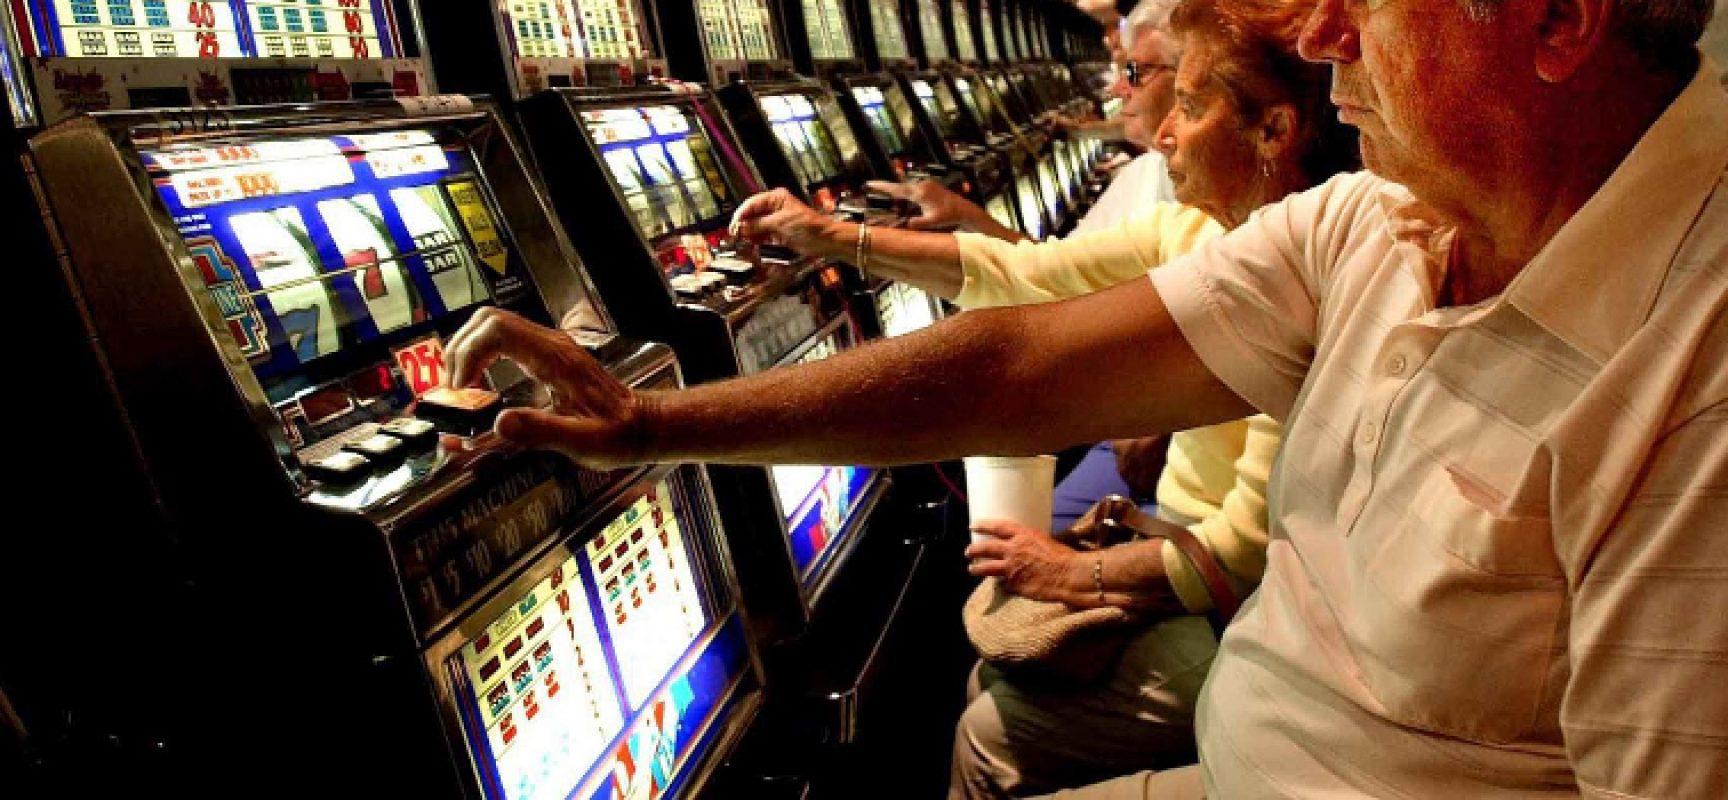 Gioco d'azzardo: nel 2016 ogni biscegliese ha speso circa 640 euro in giocate alle slot